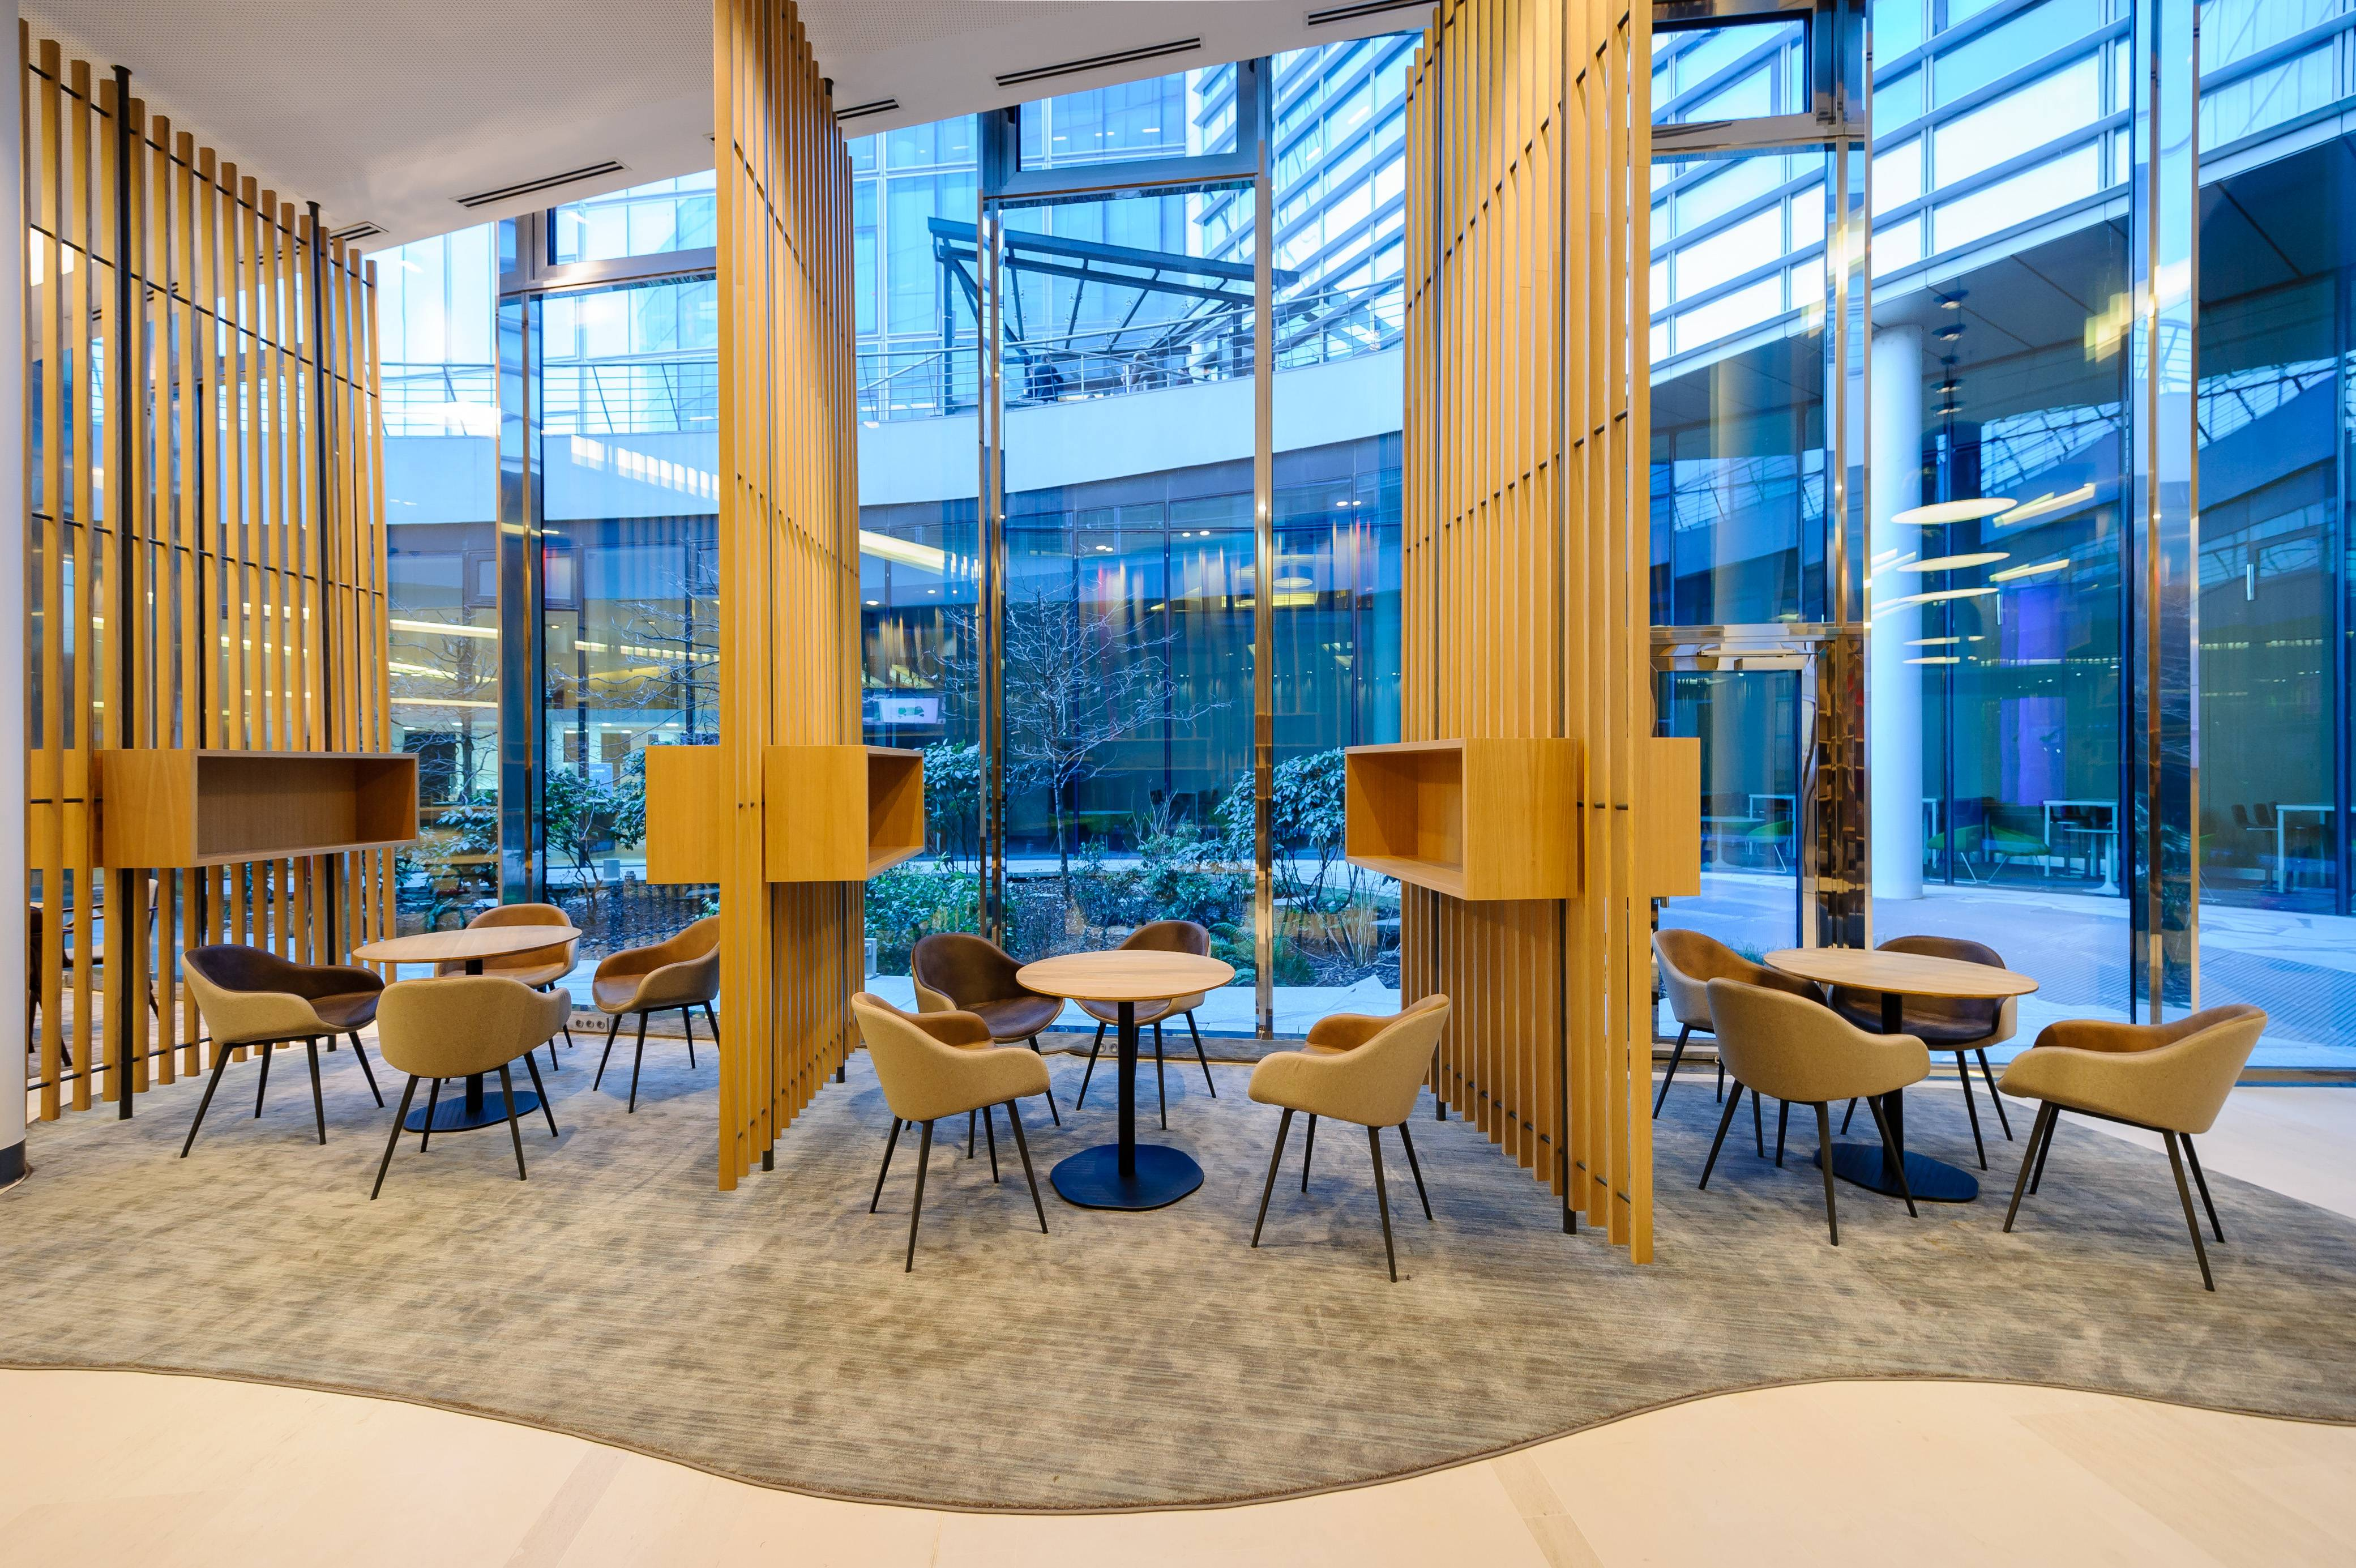 espaces de travail innovants bienvenue dans l 39 re du paperless et du flex office archimag. Black Bedroom Furniture Sets. Home Design Ideas